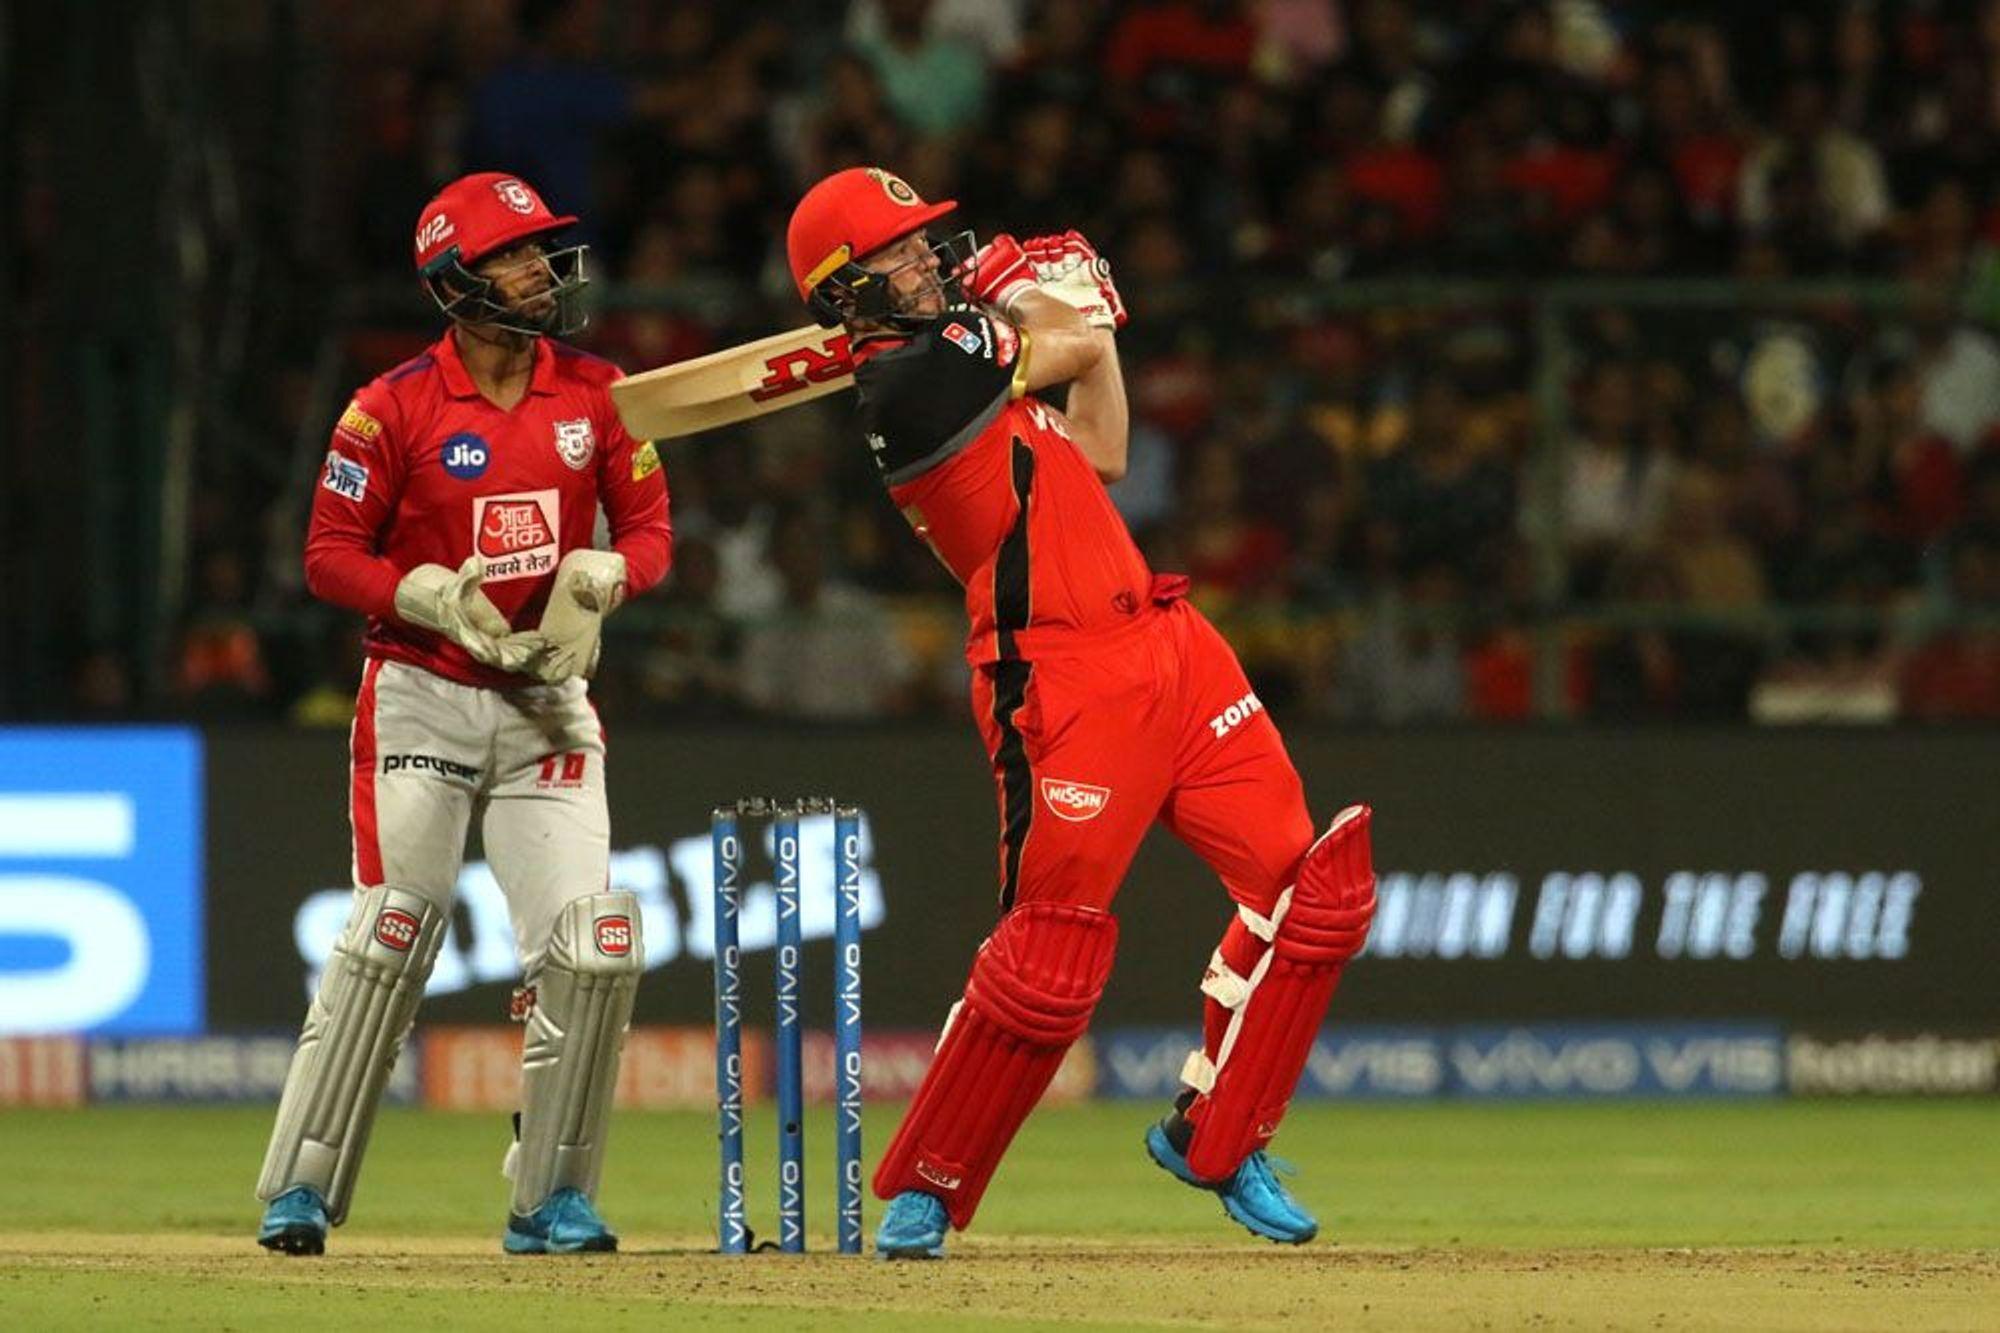 मैन ऑफ द मैच एबी डिविलियर्स ने बताया अपनी तूफानी बल्लेबाजी का असली राज 2